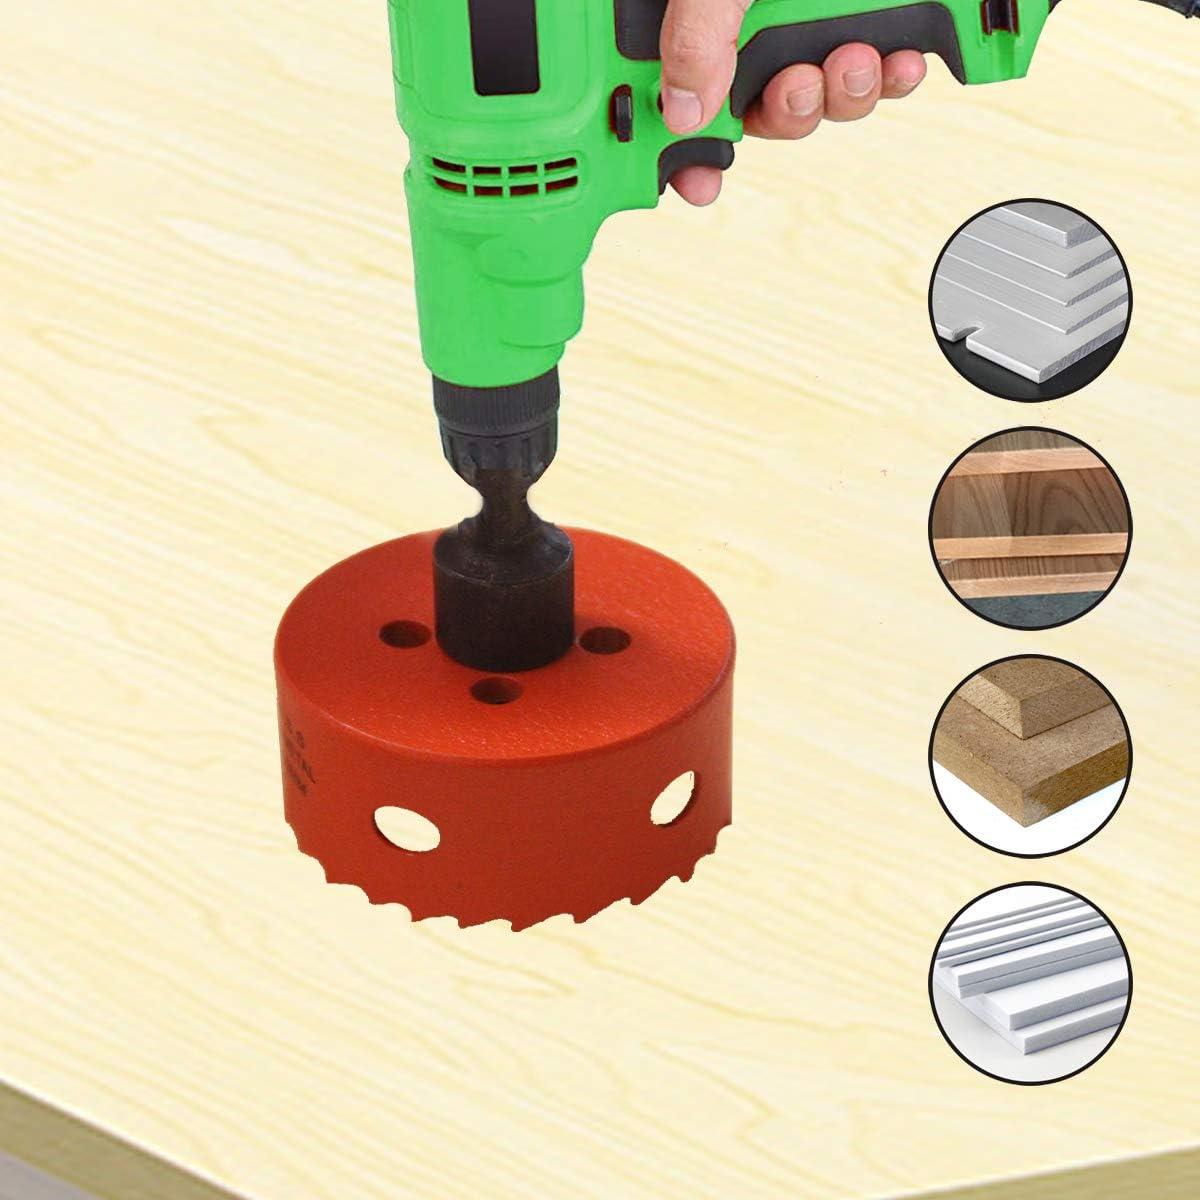 paneles de yeso 38 mm de profundidad M42 bimet/álica con biela JE Sierra de orificio de 60 mm // 2,36 Sierra de broca de taladro tableros de fibra madera pl/ástico para cortar metal blando